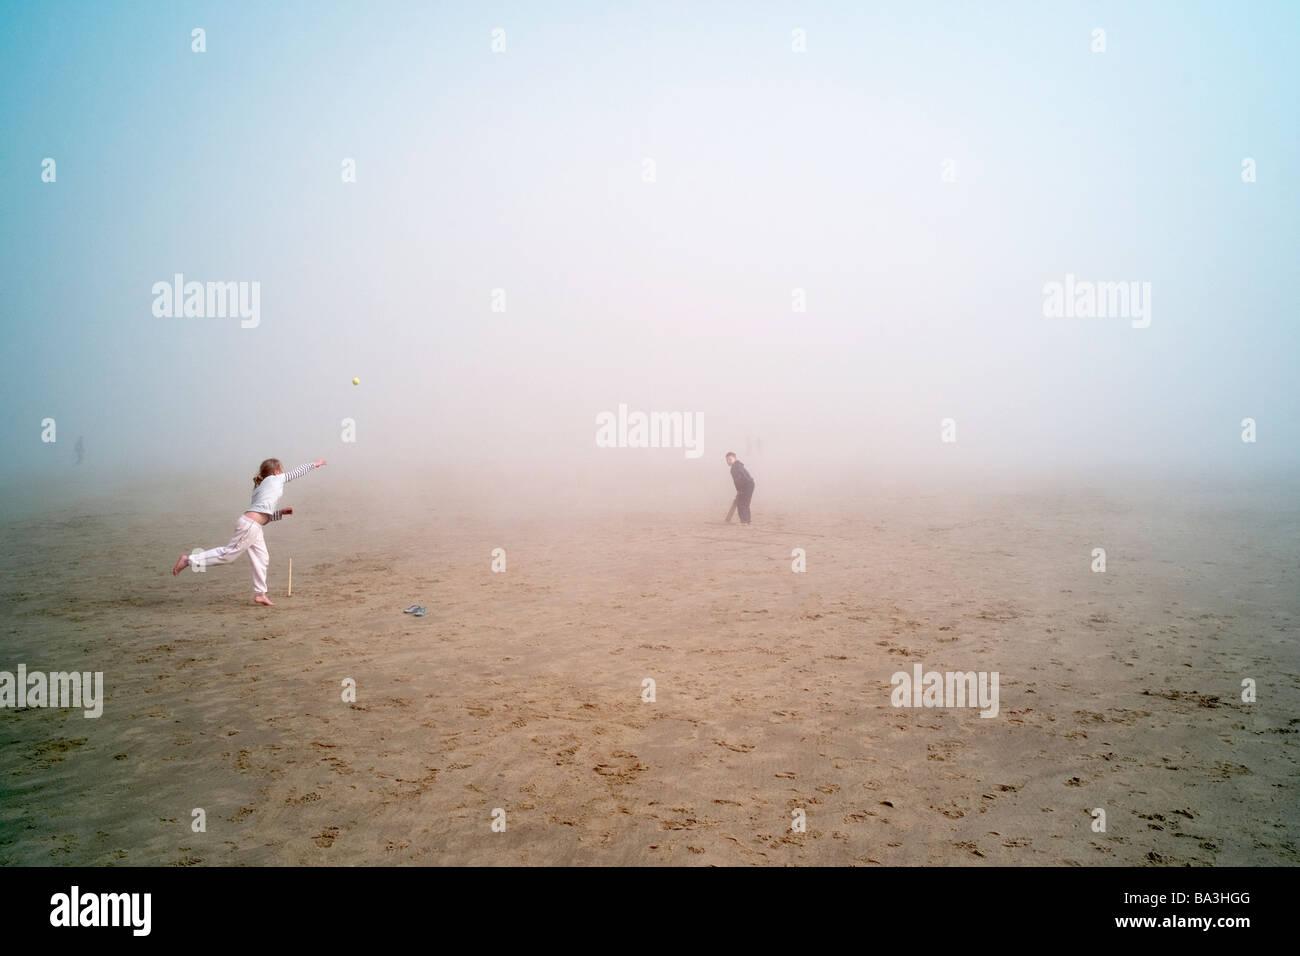 Niños jugando críquet en una niebla enlazado beach en el Sudeste de Inglaterra Imagen De Stock